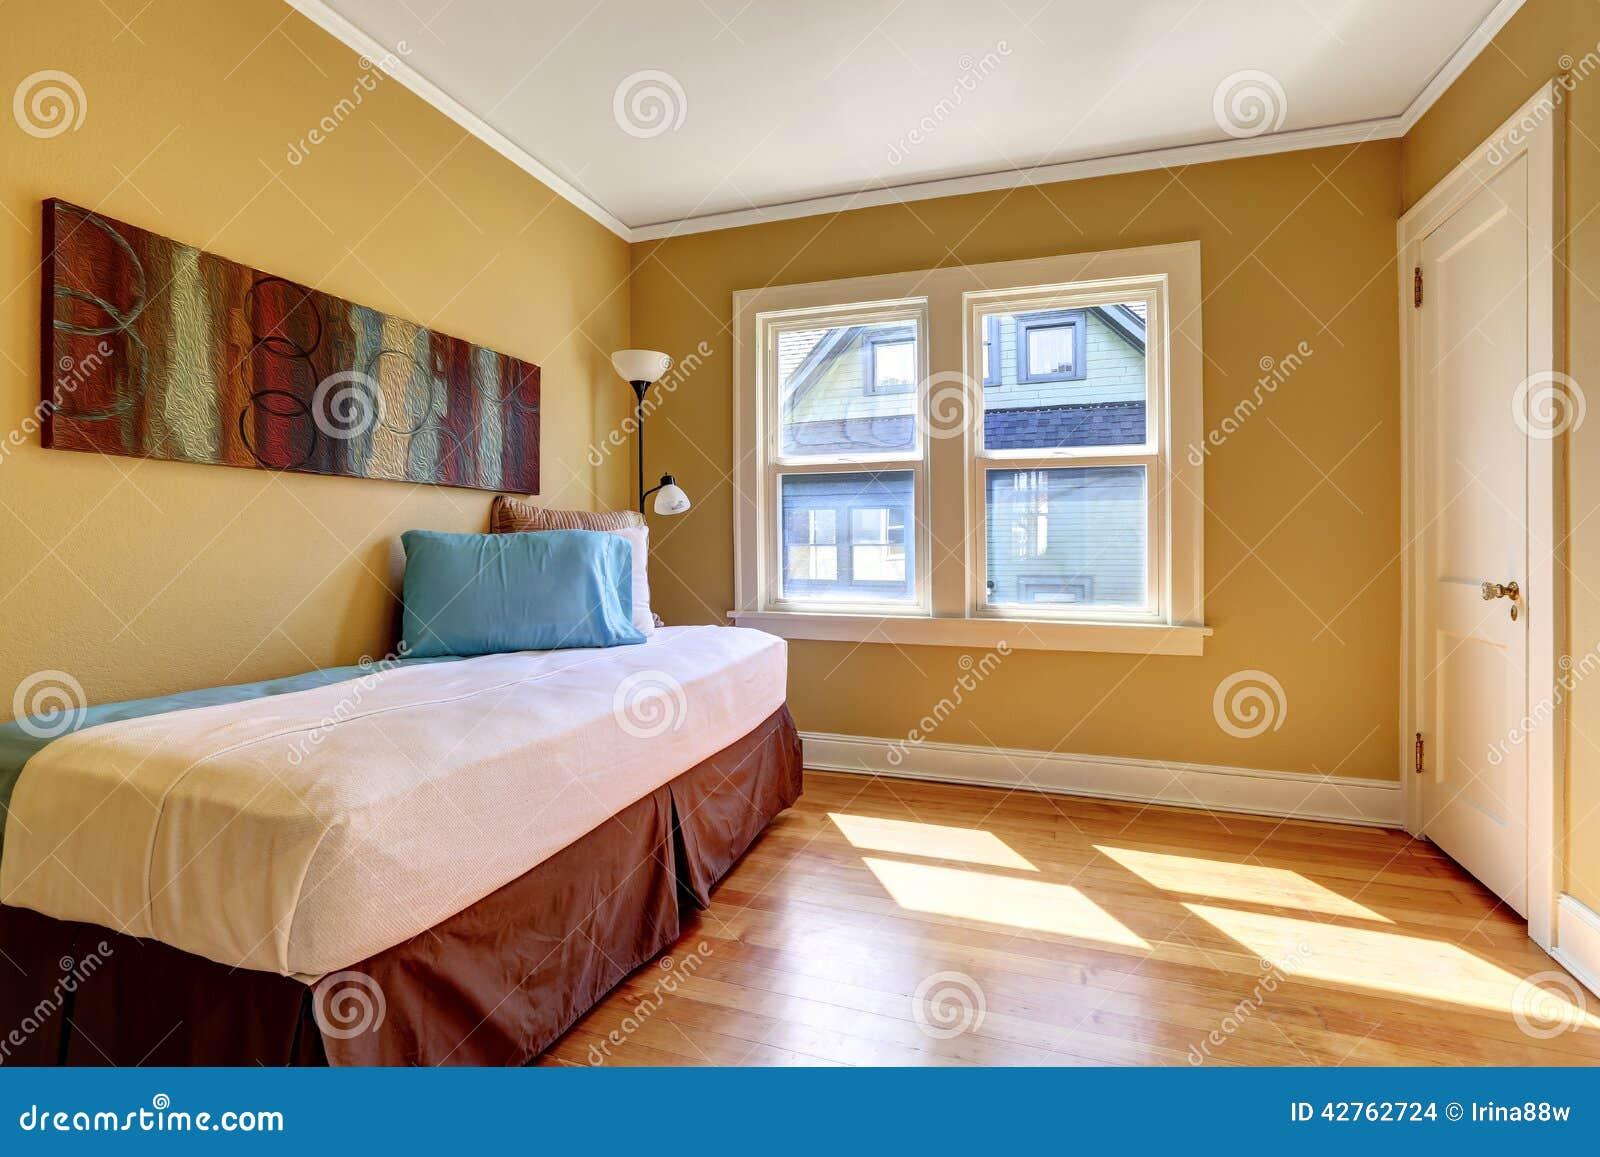 Camera da letto semplice con letto singolo nella lettiera - Camera letto singolo ...